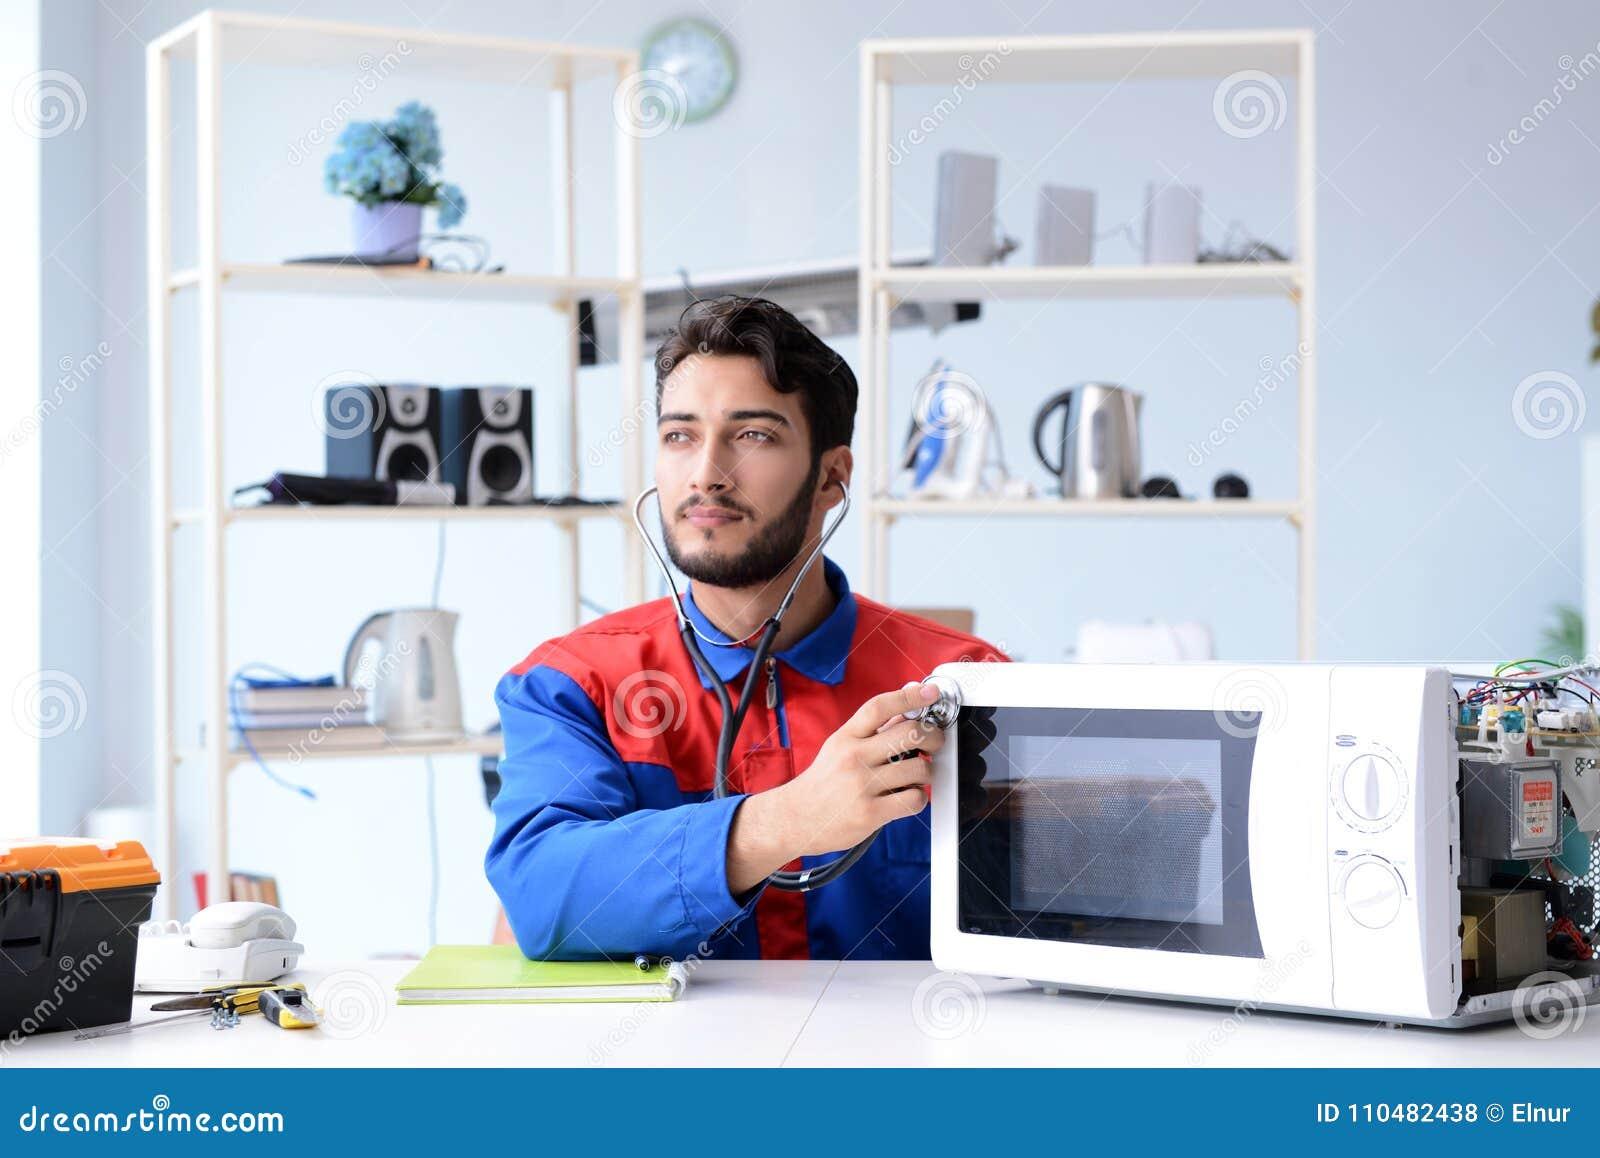 Fixation Pour Micro Onde le jeune four à micro-ondes de fixation et de réparation de